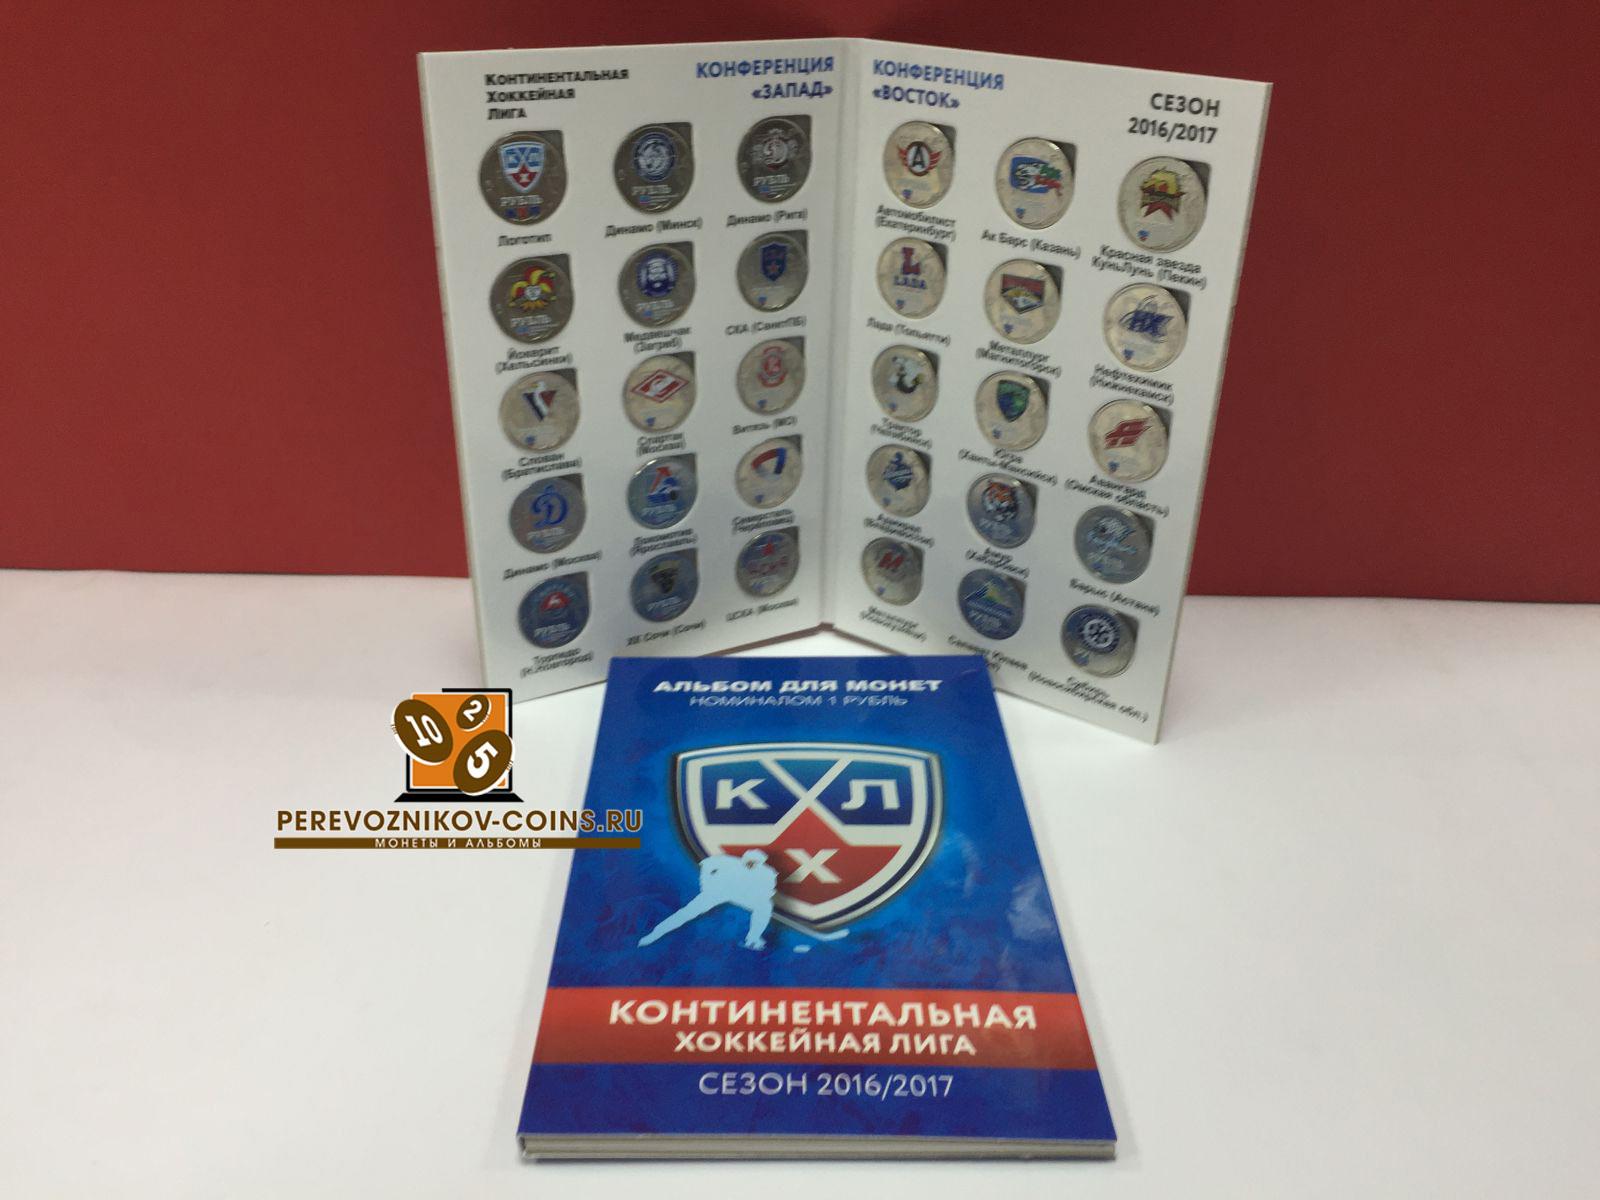 30 монет, номиналом 1 рубль, на тему